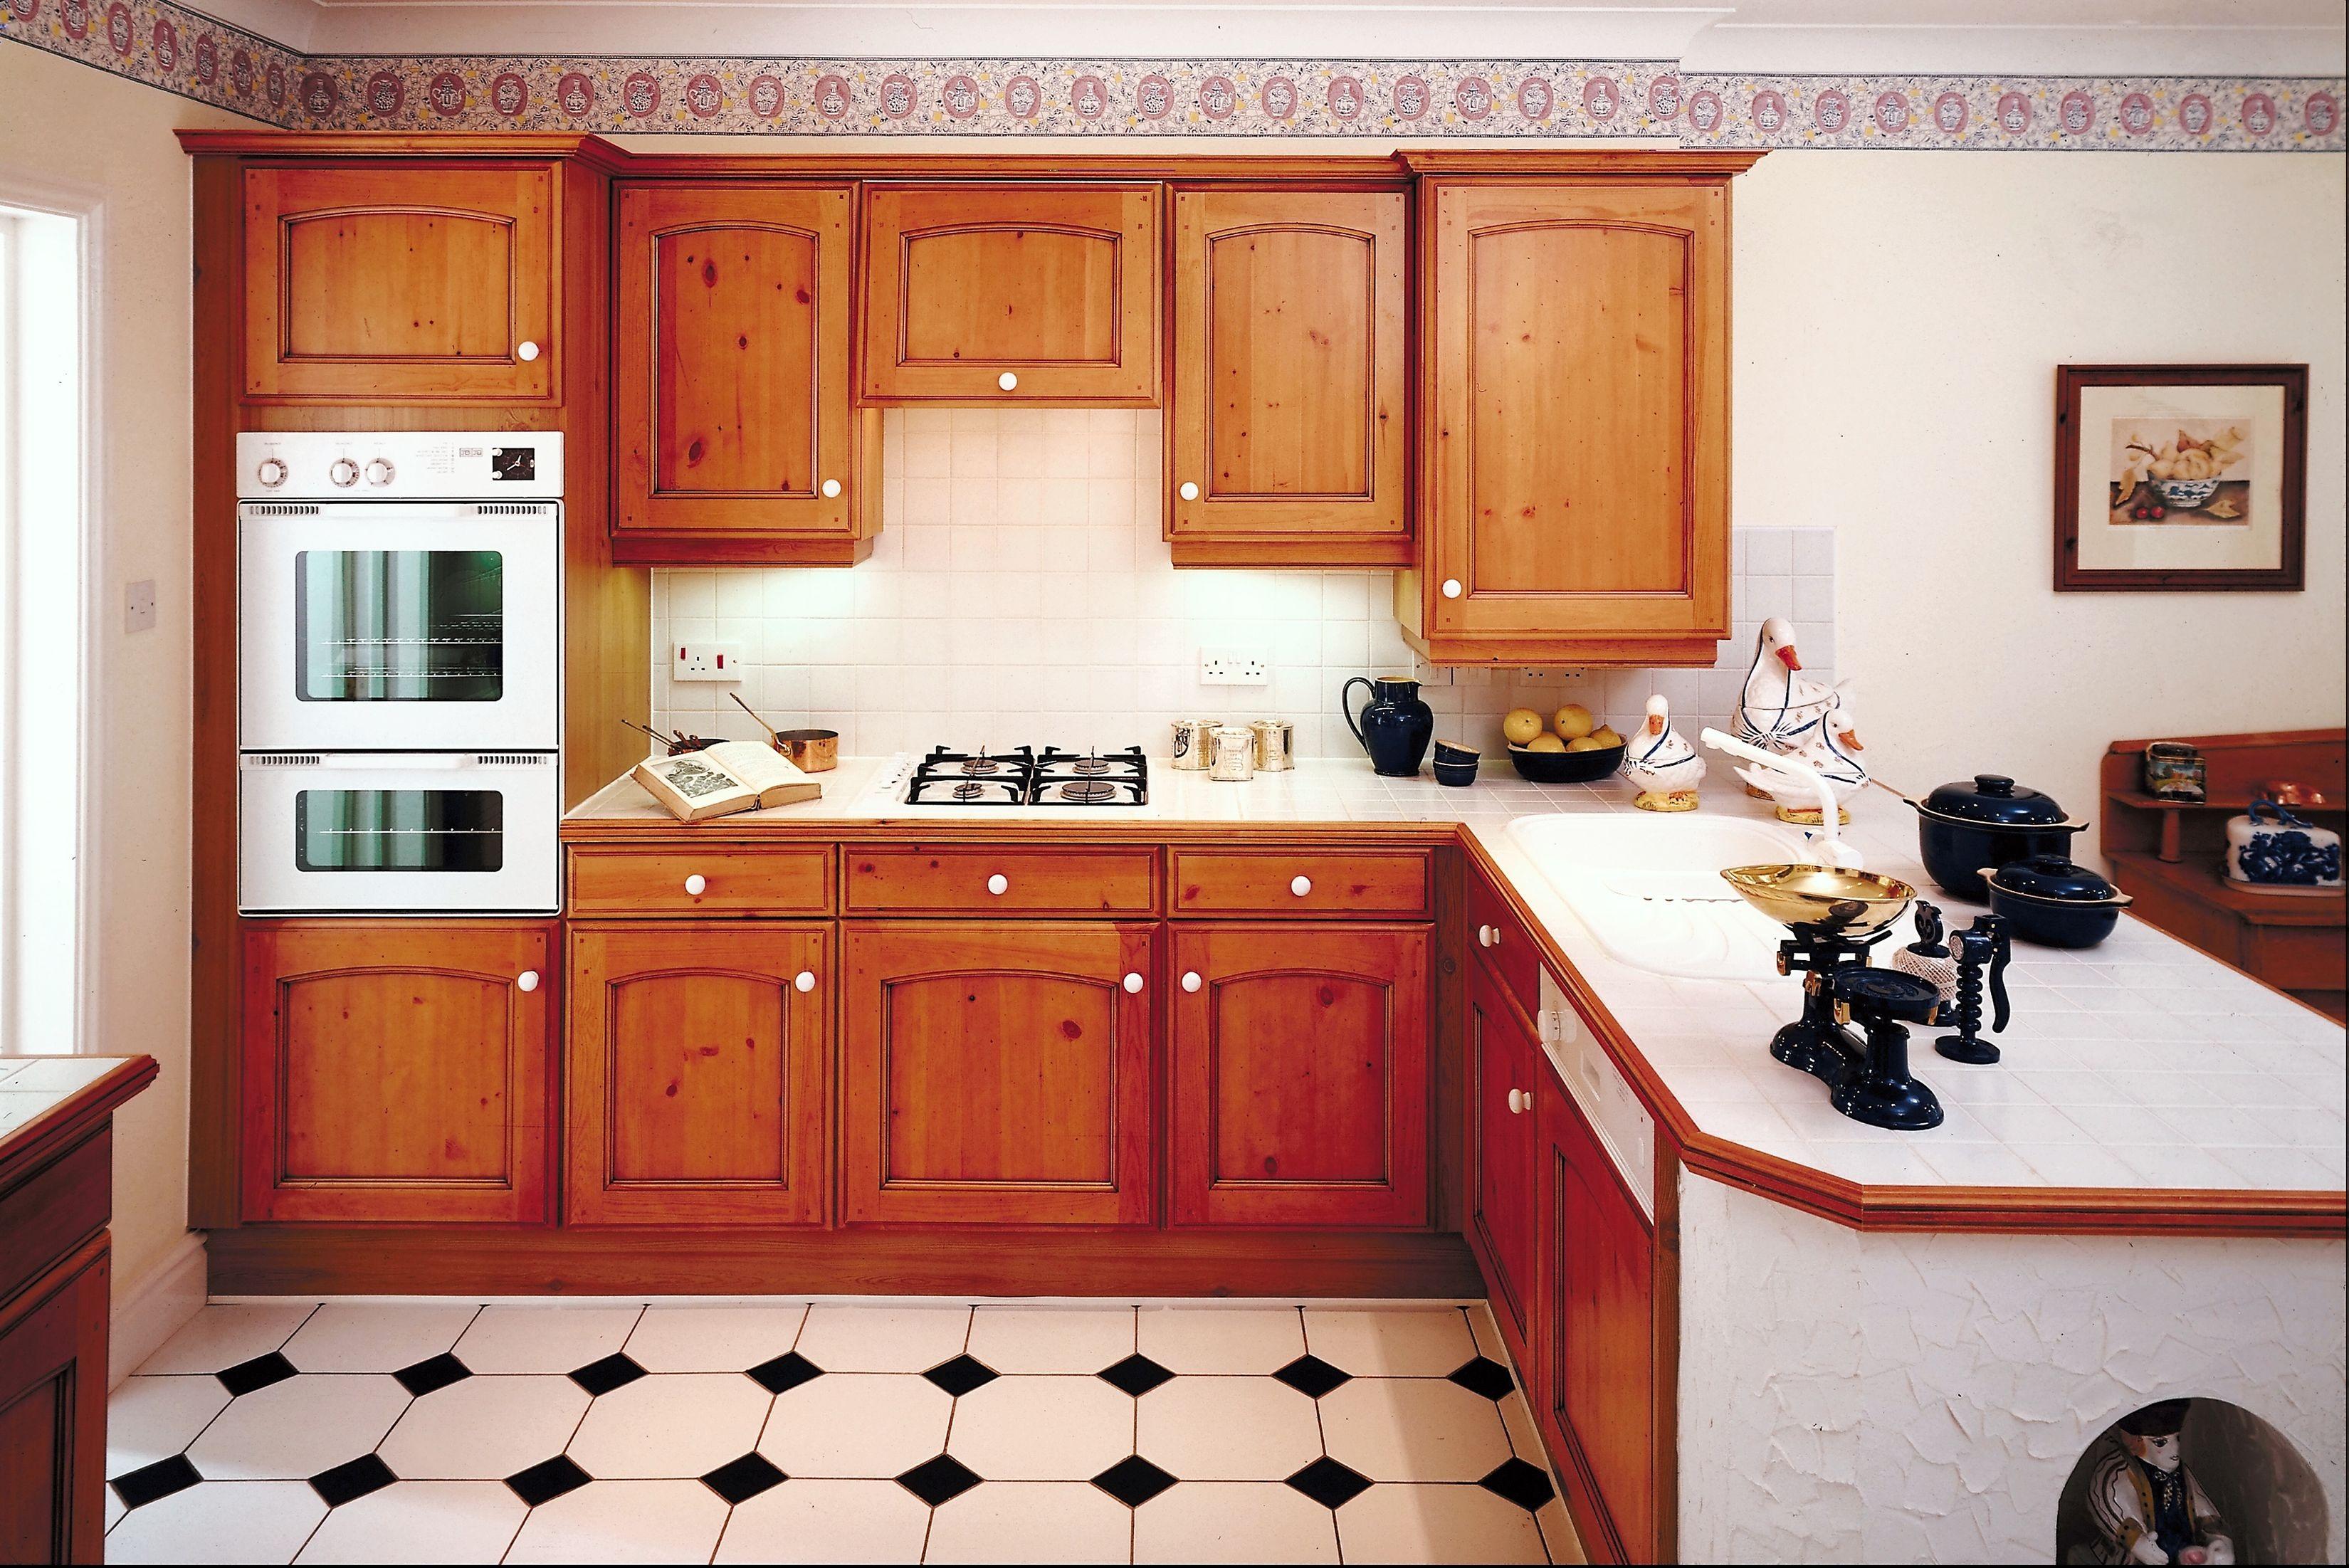 Ремонт куханной мебели своими руками